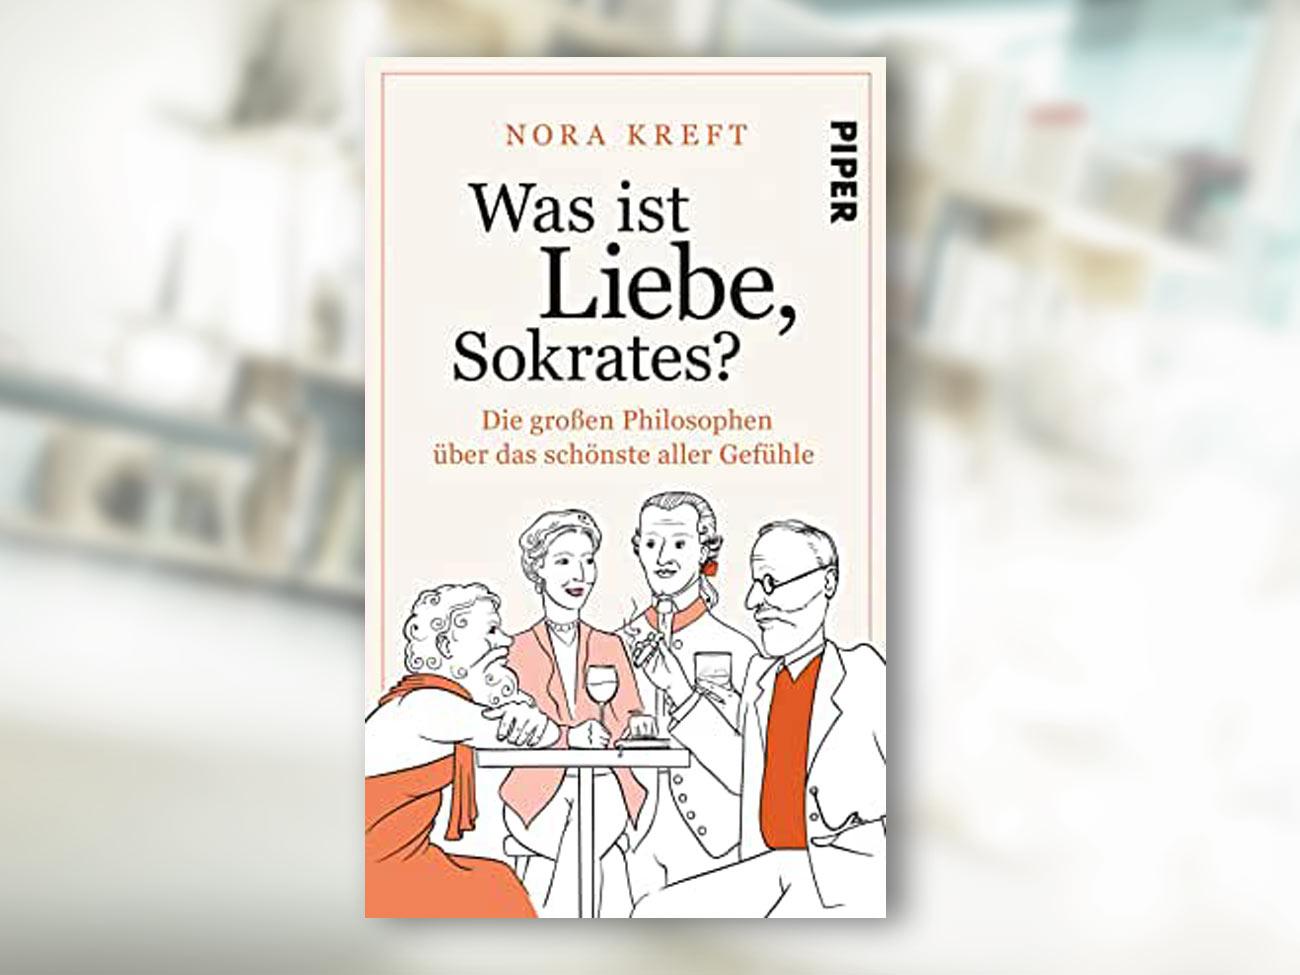 Nora Kreft, Was ist Liebe, Sokrates